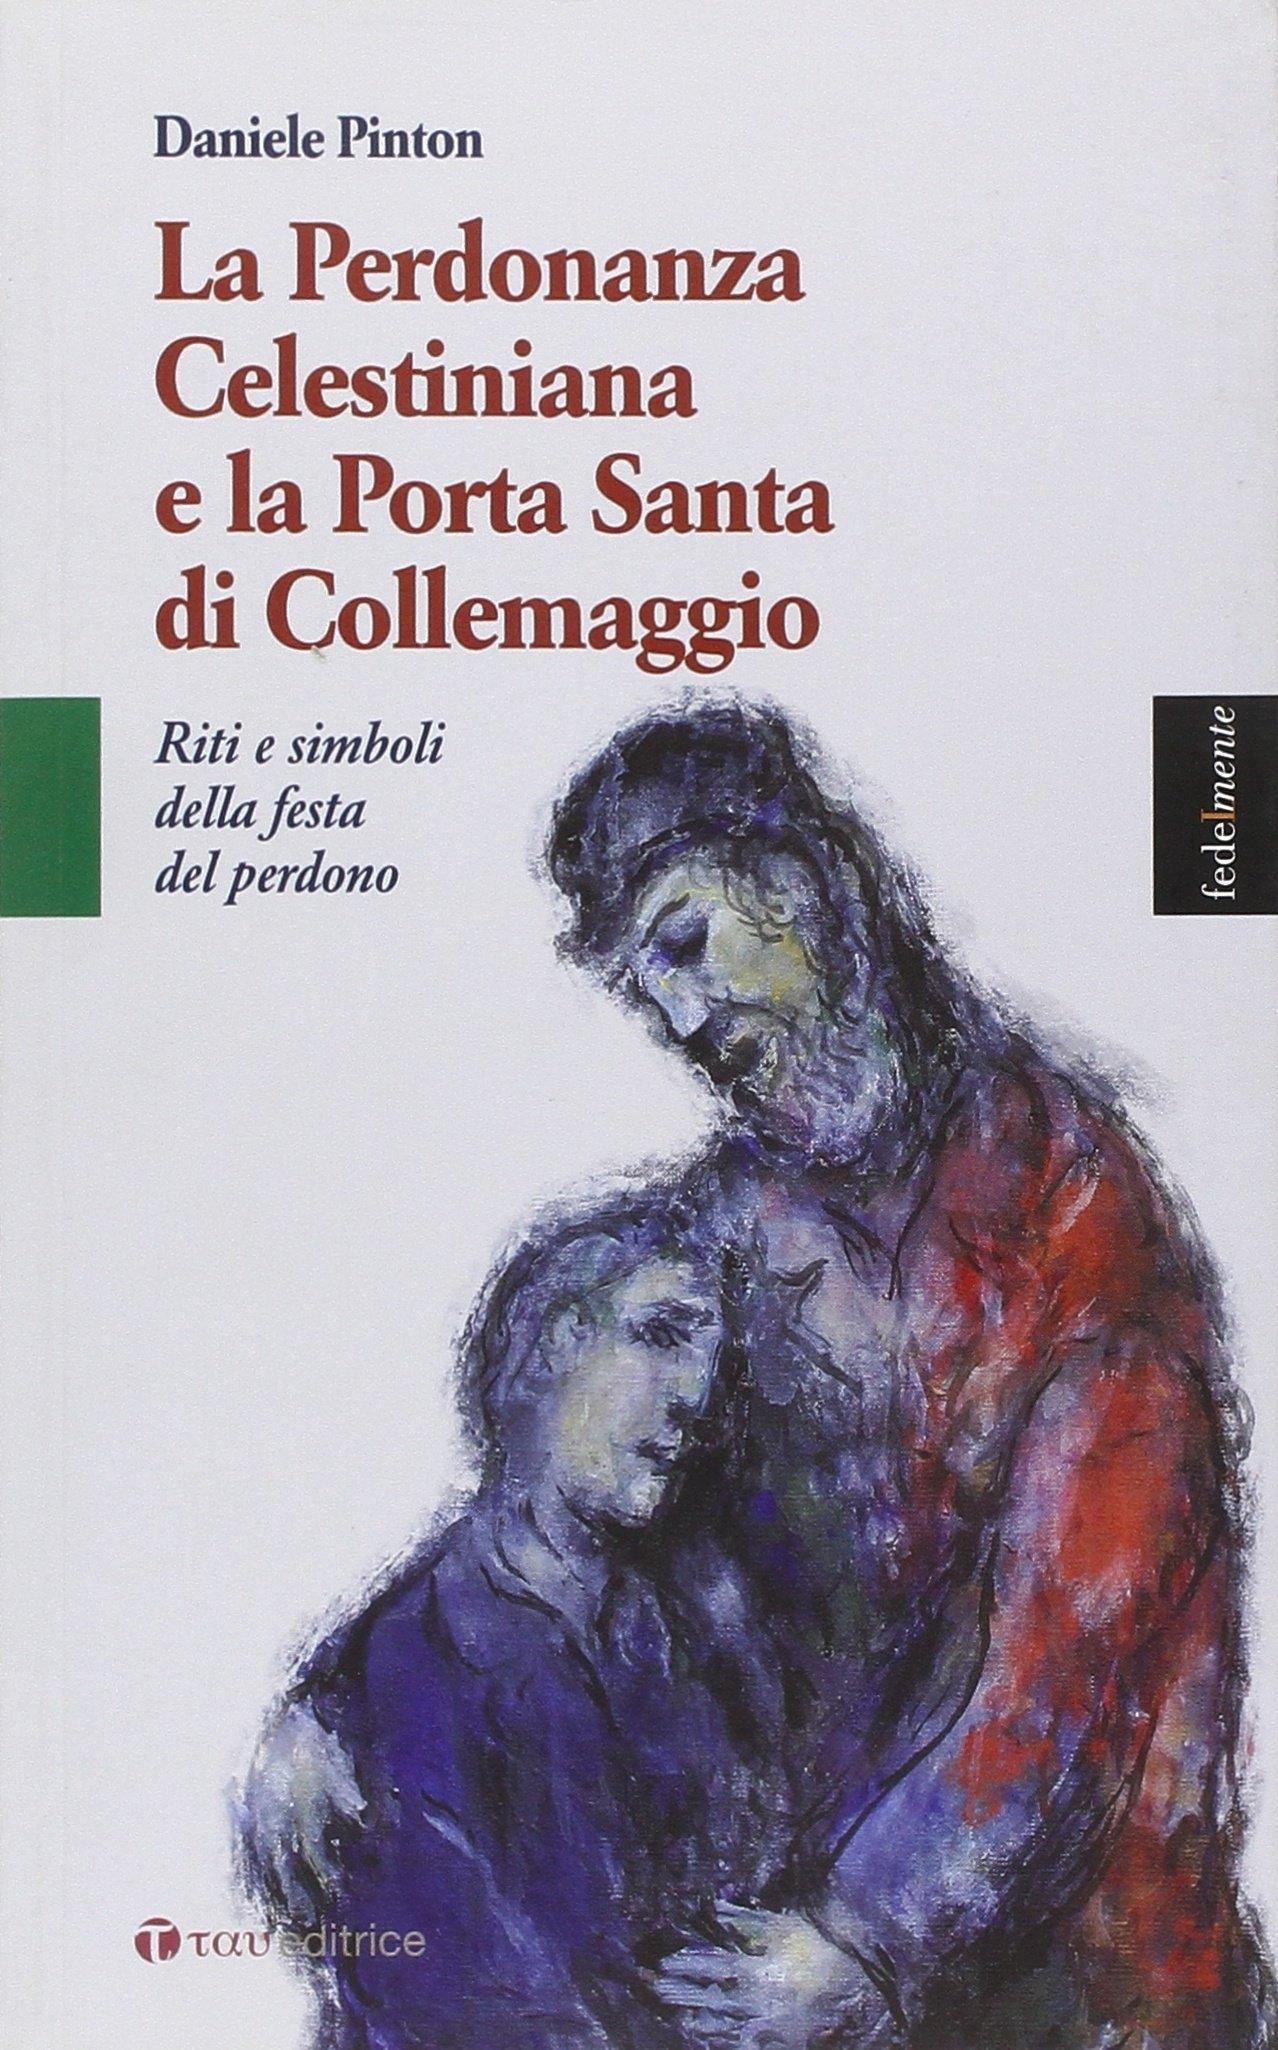 Perdonanza Celestiniana e la Porta Santa di Collemaggio.